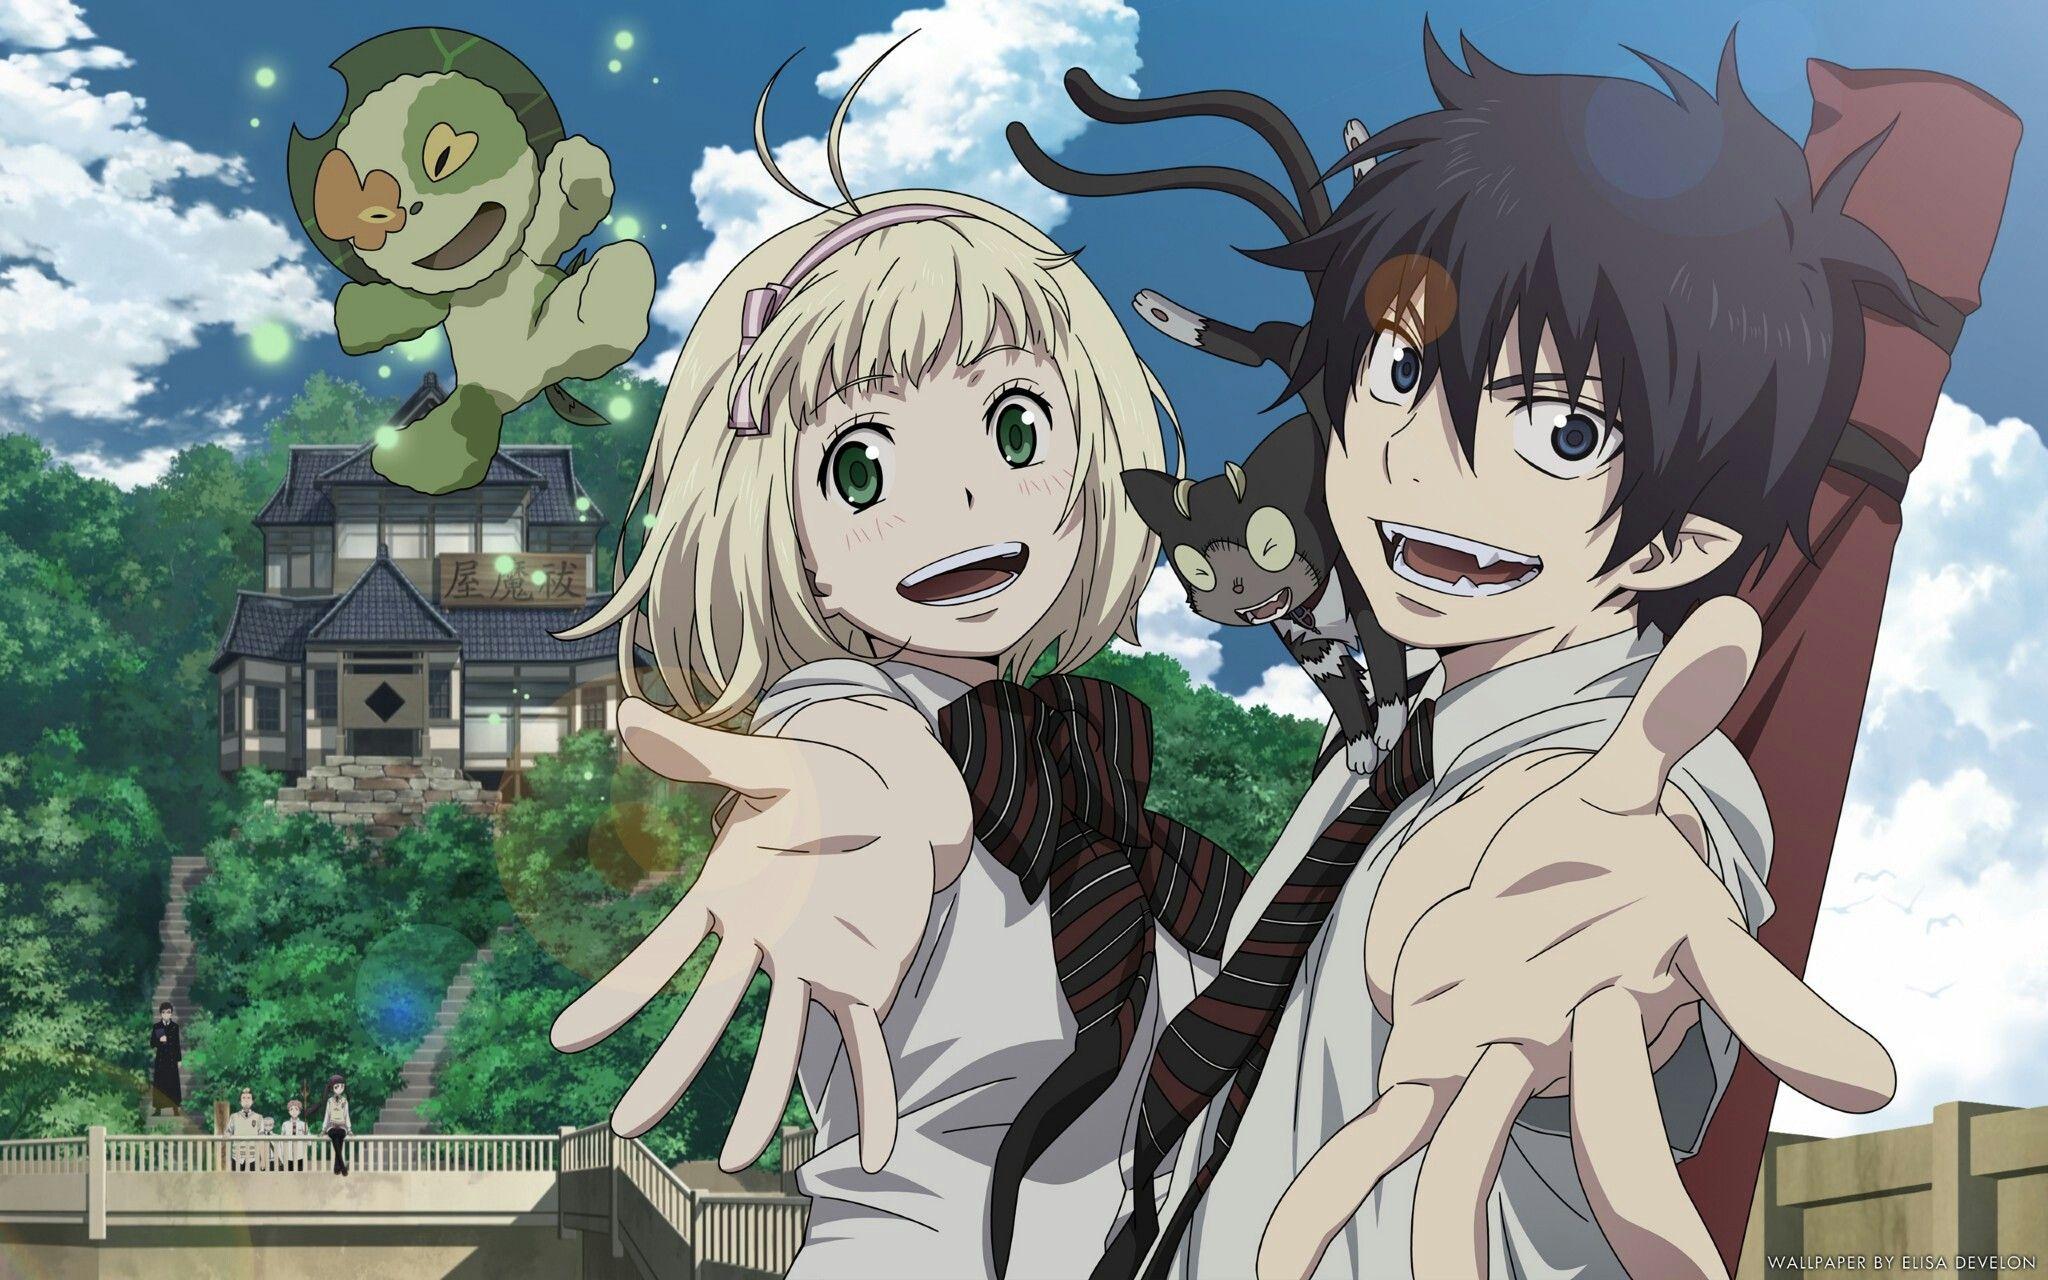 Pin by Sakai Chew on anime  Pinterest  Anime